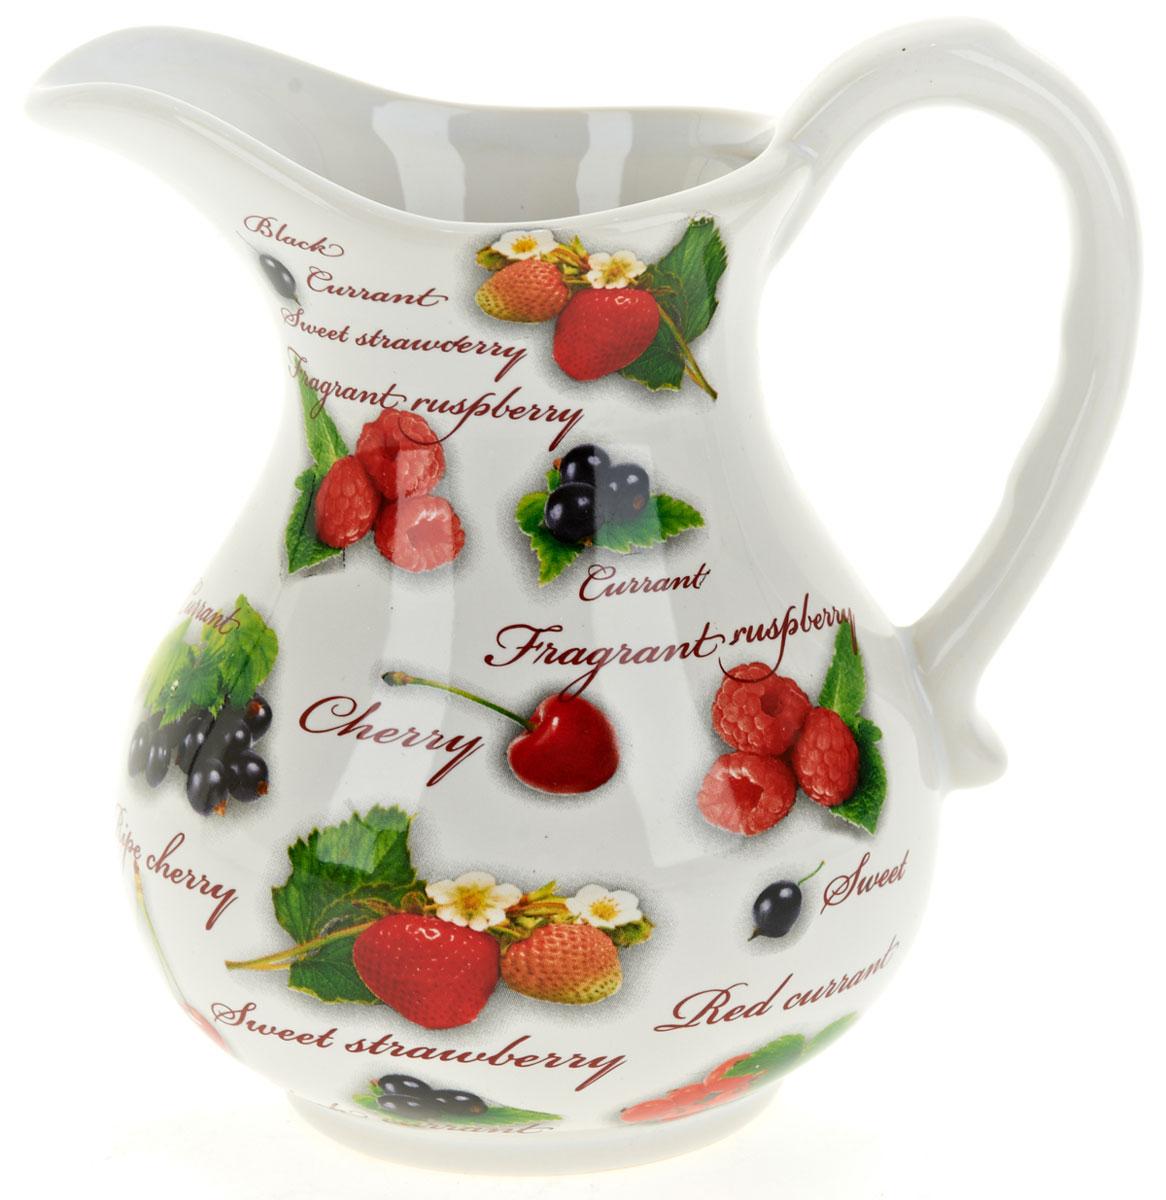 Кувшин ENS Group Садовая ягода, 1,2 лL2520276Кувшин Садовая ягода изготовлен из высококачественной керамики с изящным рисунком. Кувшин оснащен удобной ручкой. Прекрасно подходит для подачи воды, сока, компота и других напитков. Изящный кувшин красиво оформит стол и порадует вас элегантным дизайном и простотой ухода.